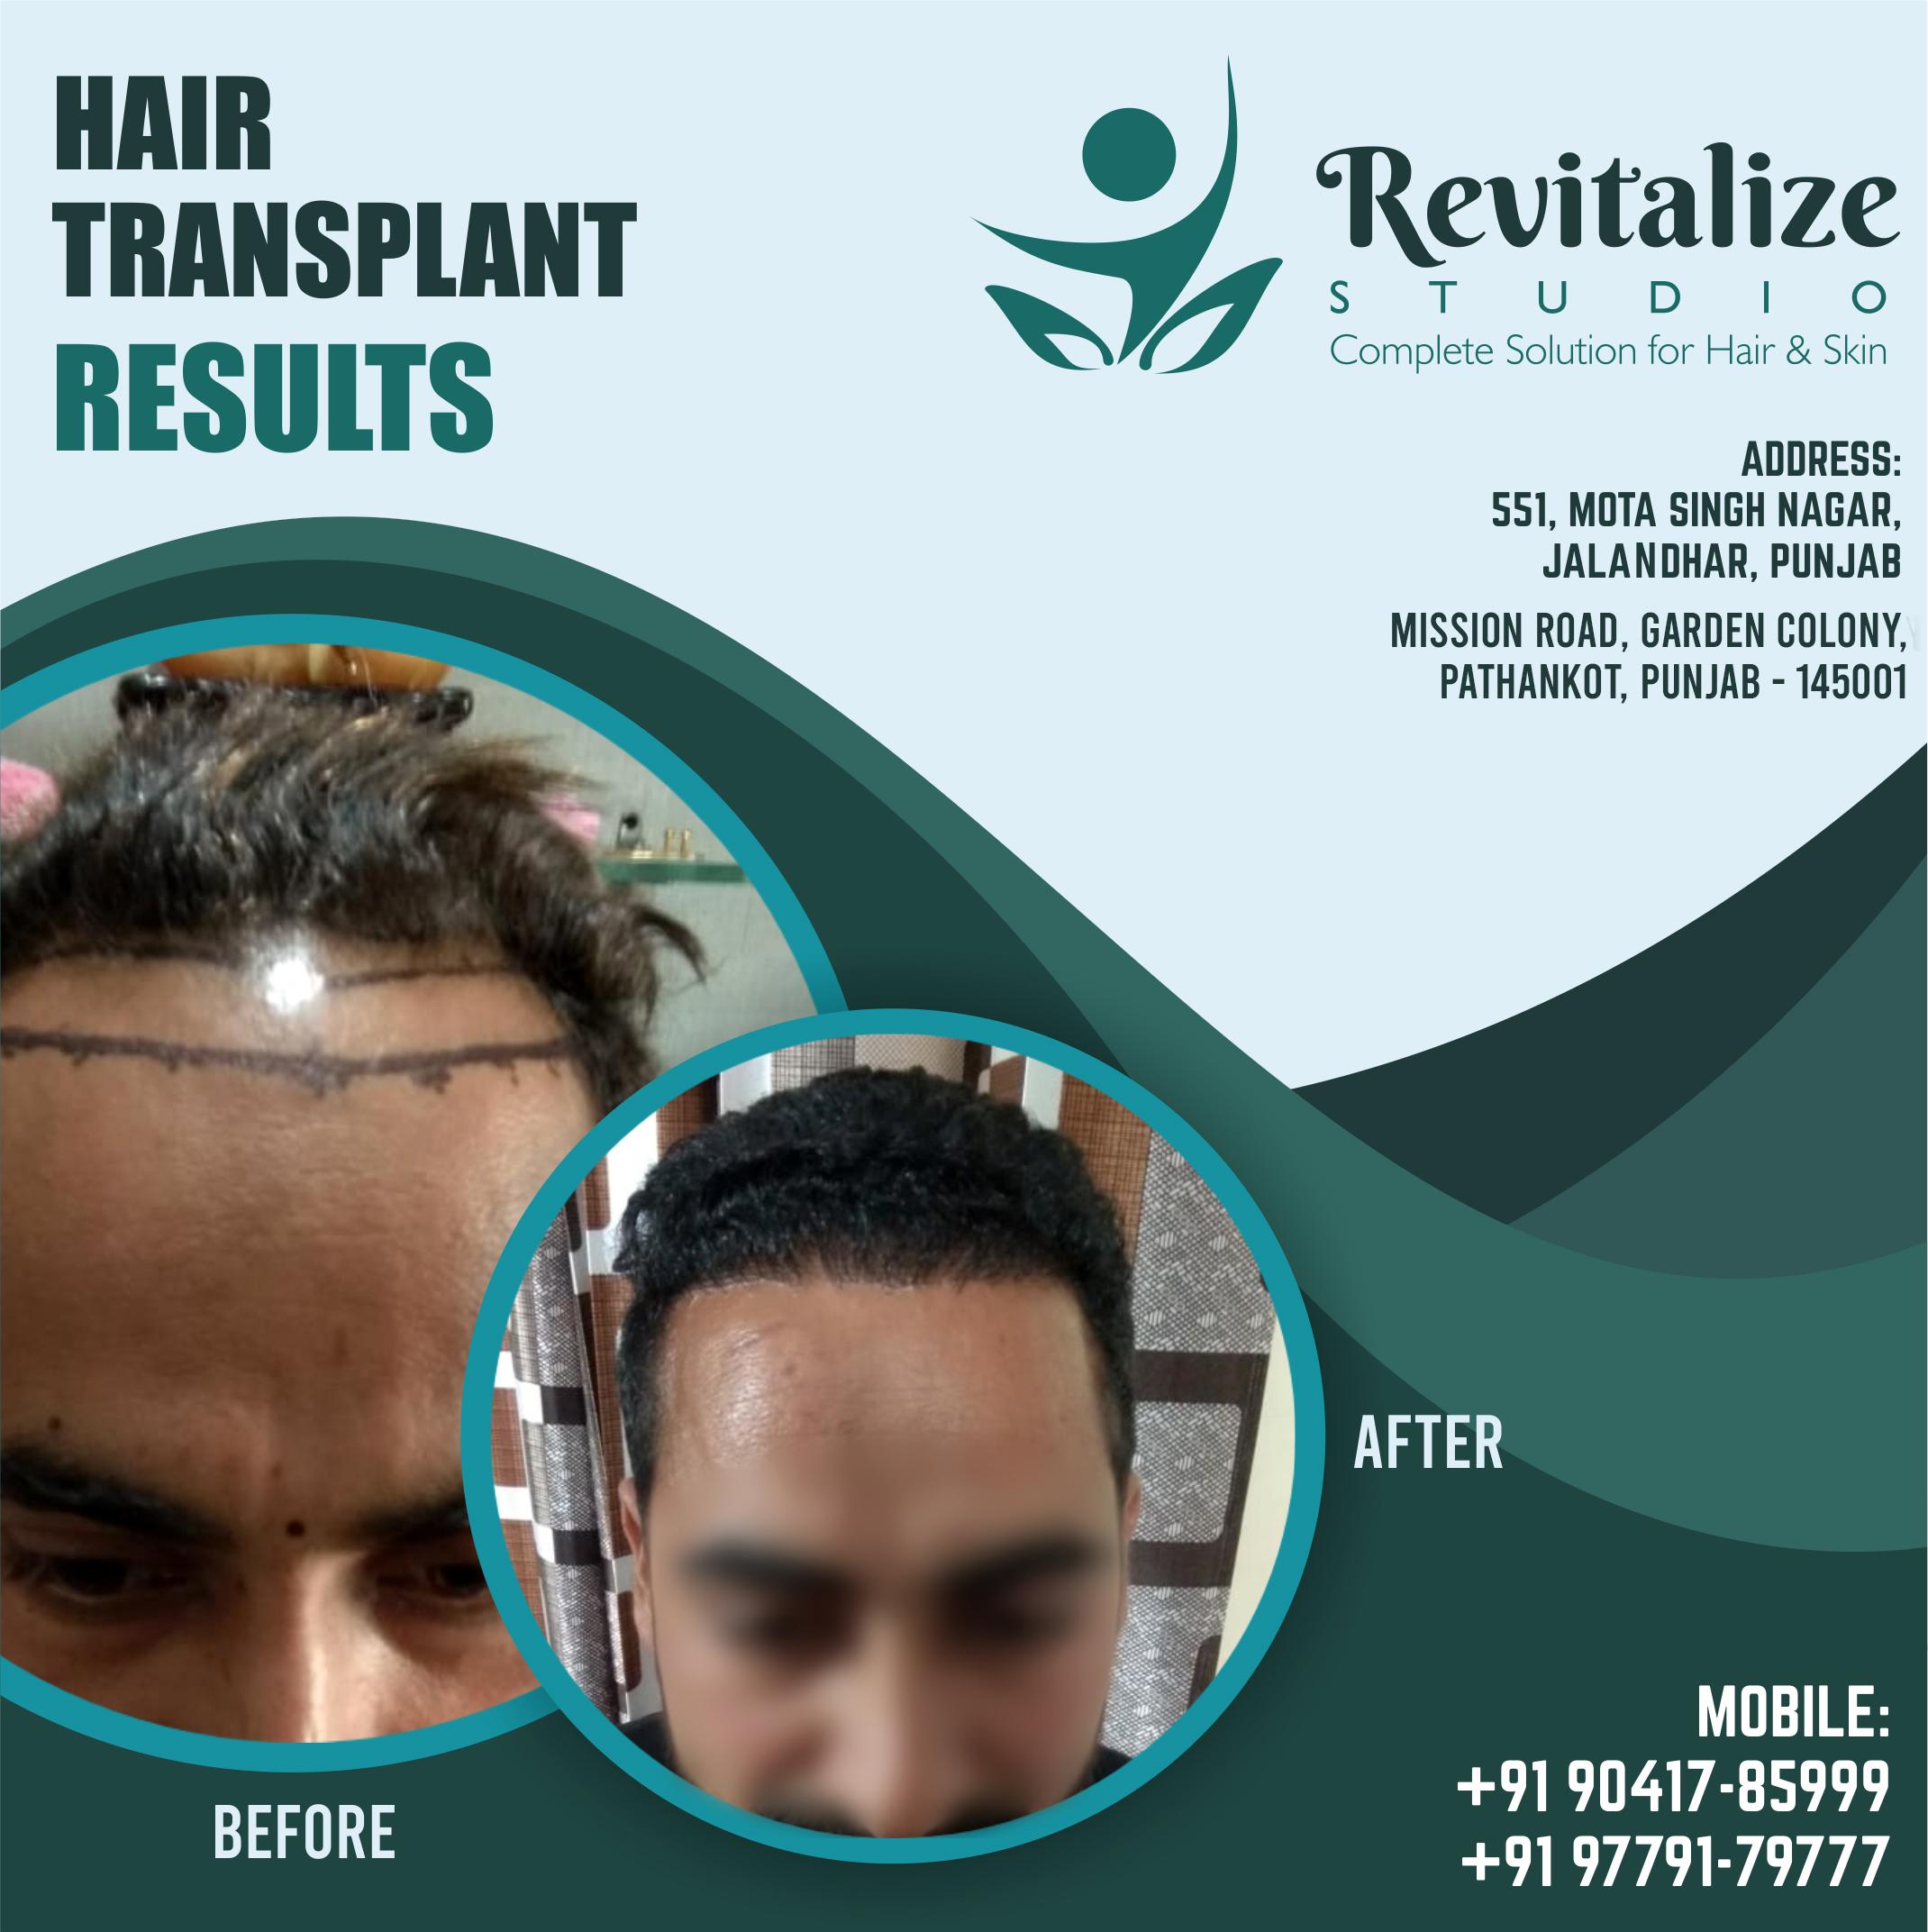 hair transplant in jalandhar, revitalize studios